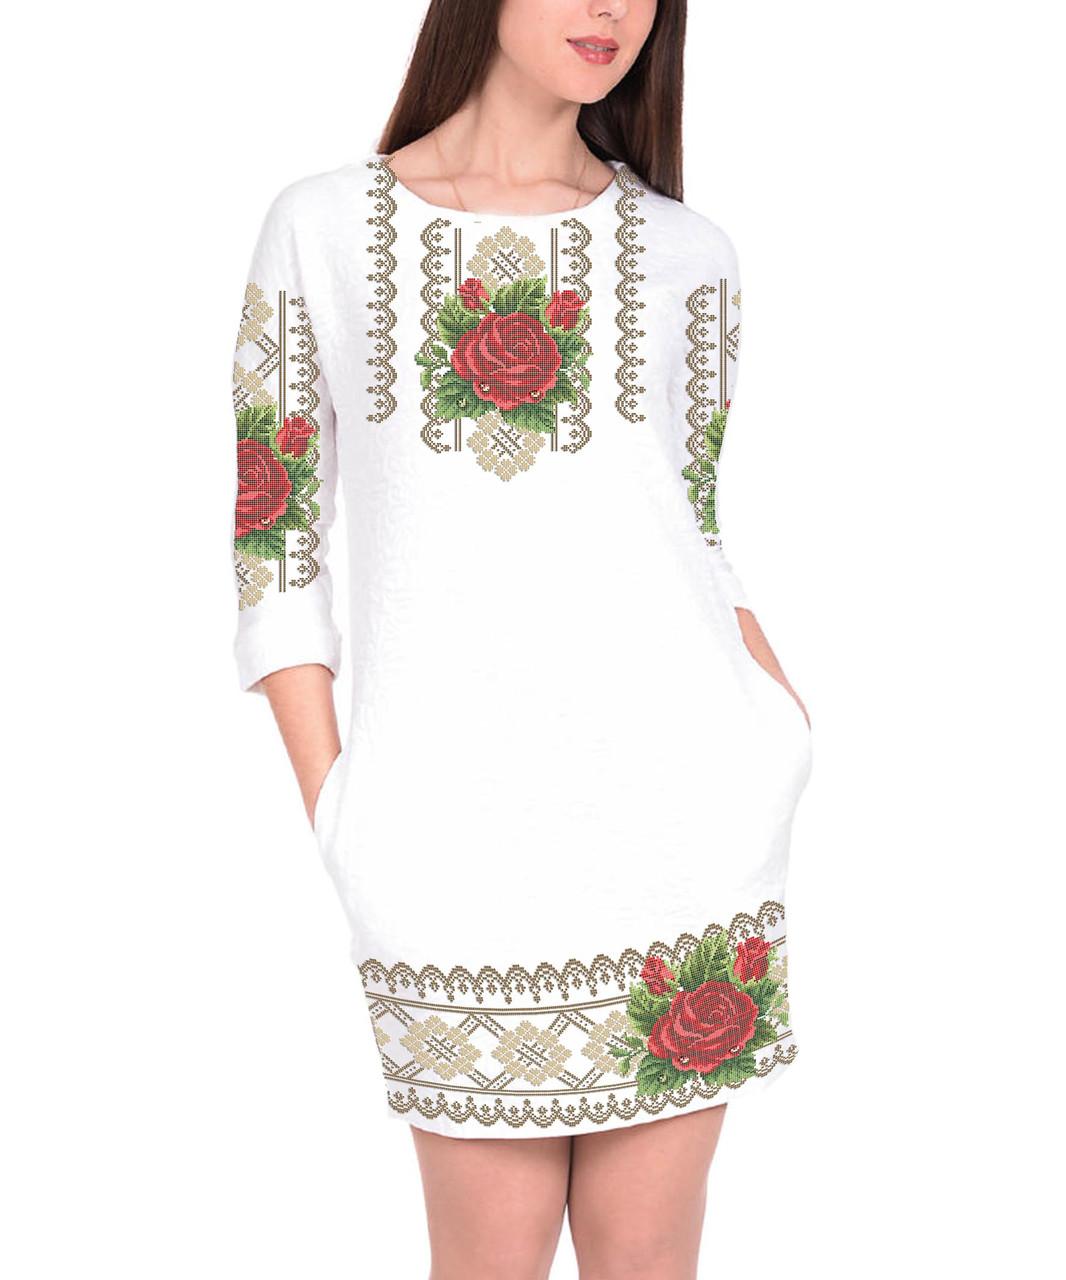 Заготовка жіночого плаття чи сукні для вишивки та вишивання бісером Бисерок  «Троянда в росі» (П-59 ГБ) Габардин